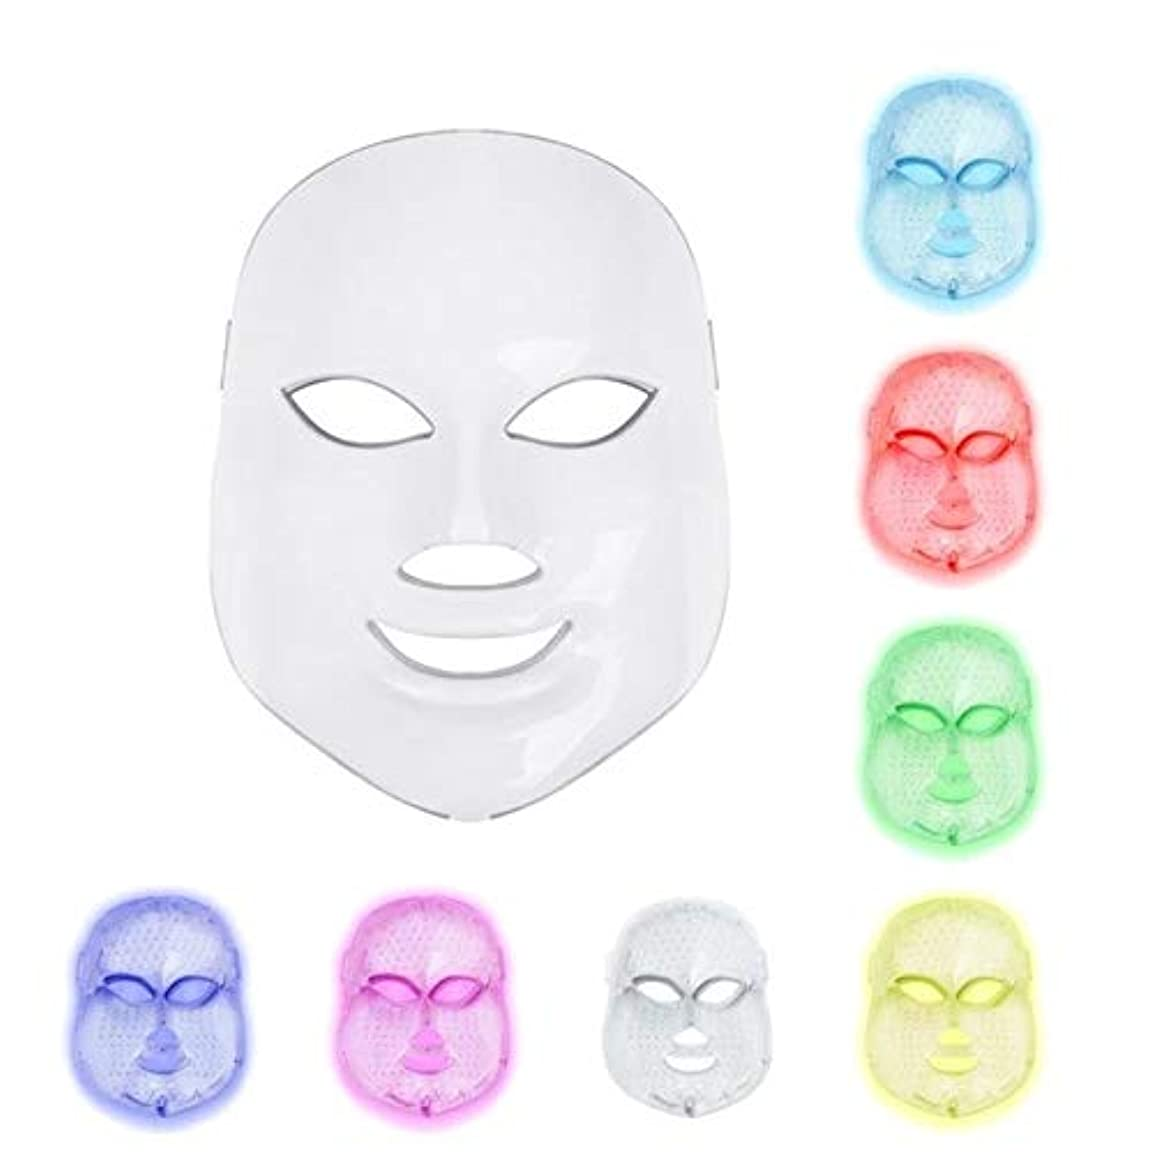 シーズントラブルカエルLed光子療法7色光治療肌の若返りにきびスポットしわホワイトニング美顔術デイリースキンケアマスク